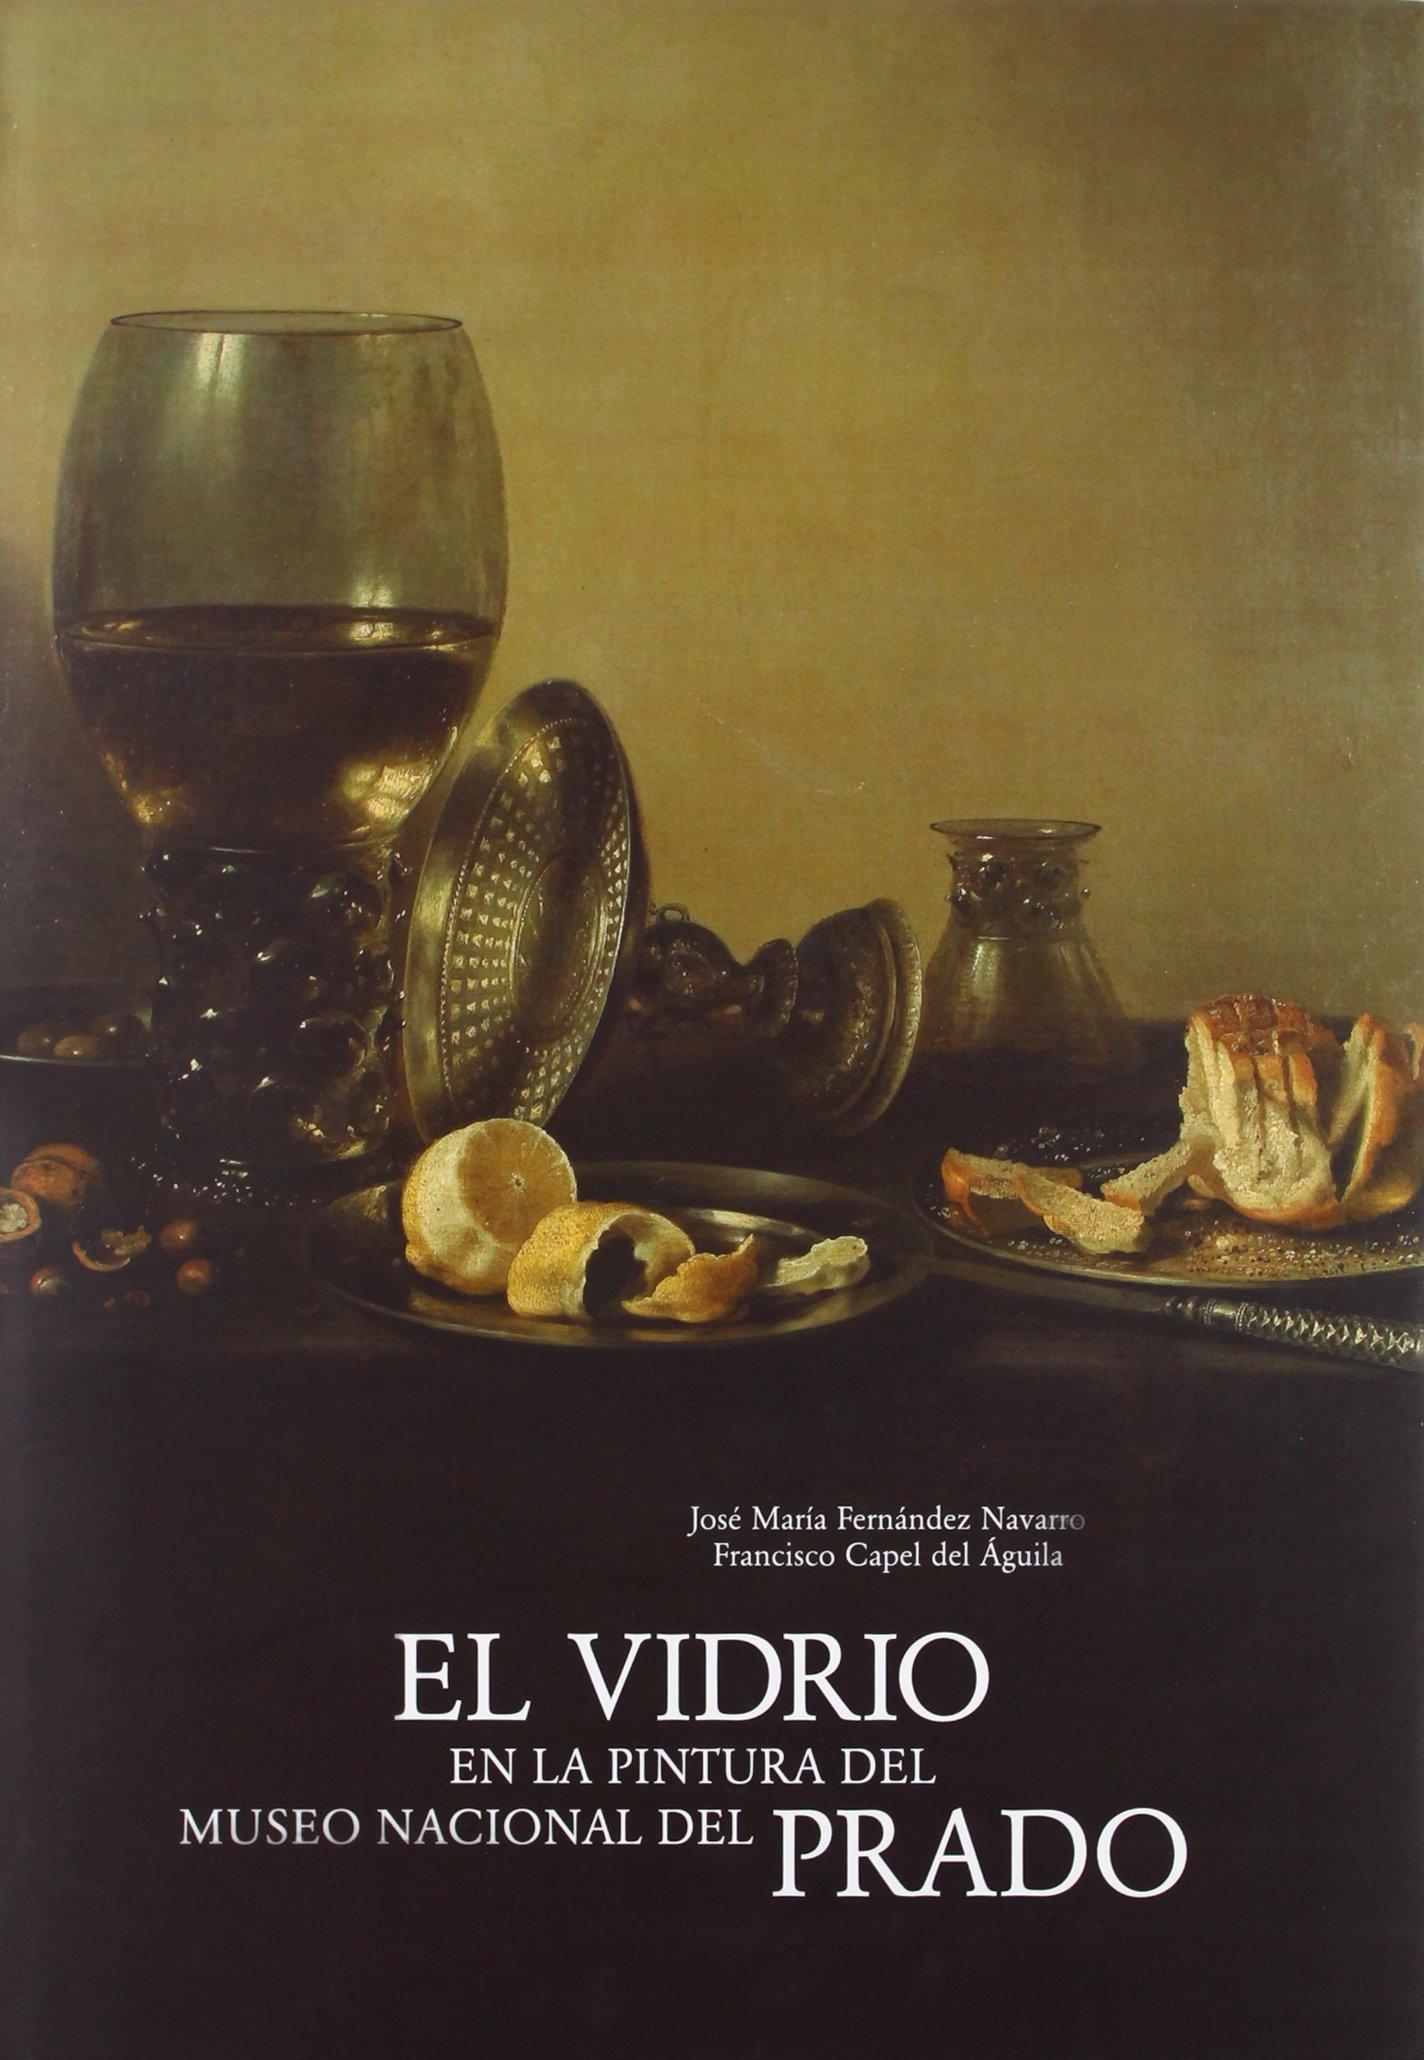 El vidrio en la pintura del Museo Nacional del Prado: Amazon.es: José María Fernández Navarro, Francisco Capel del Águila: Libros